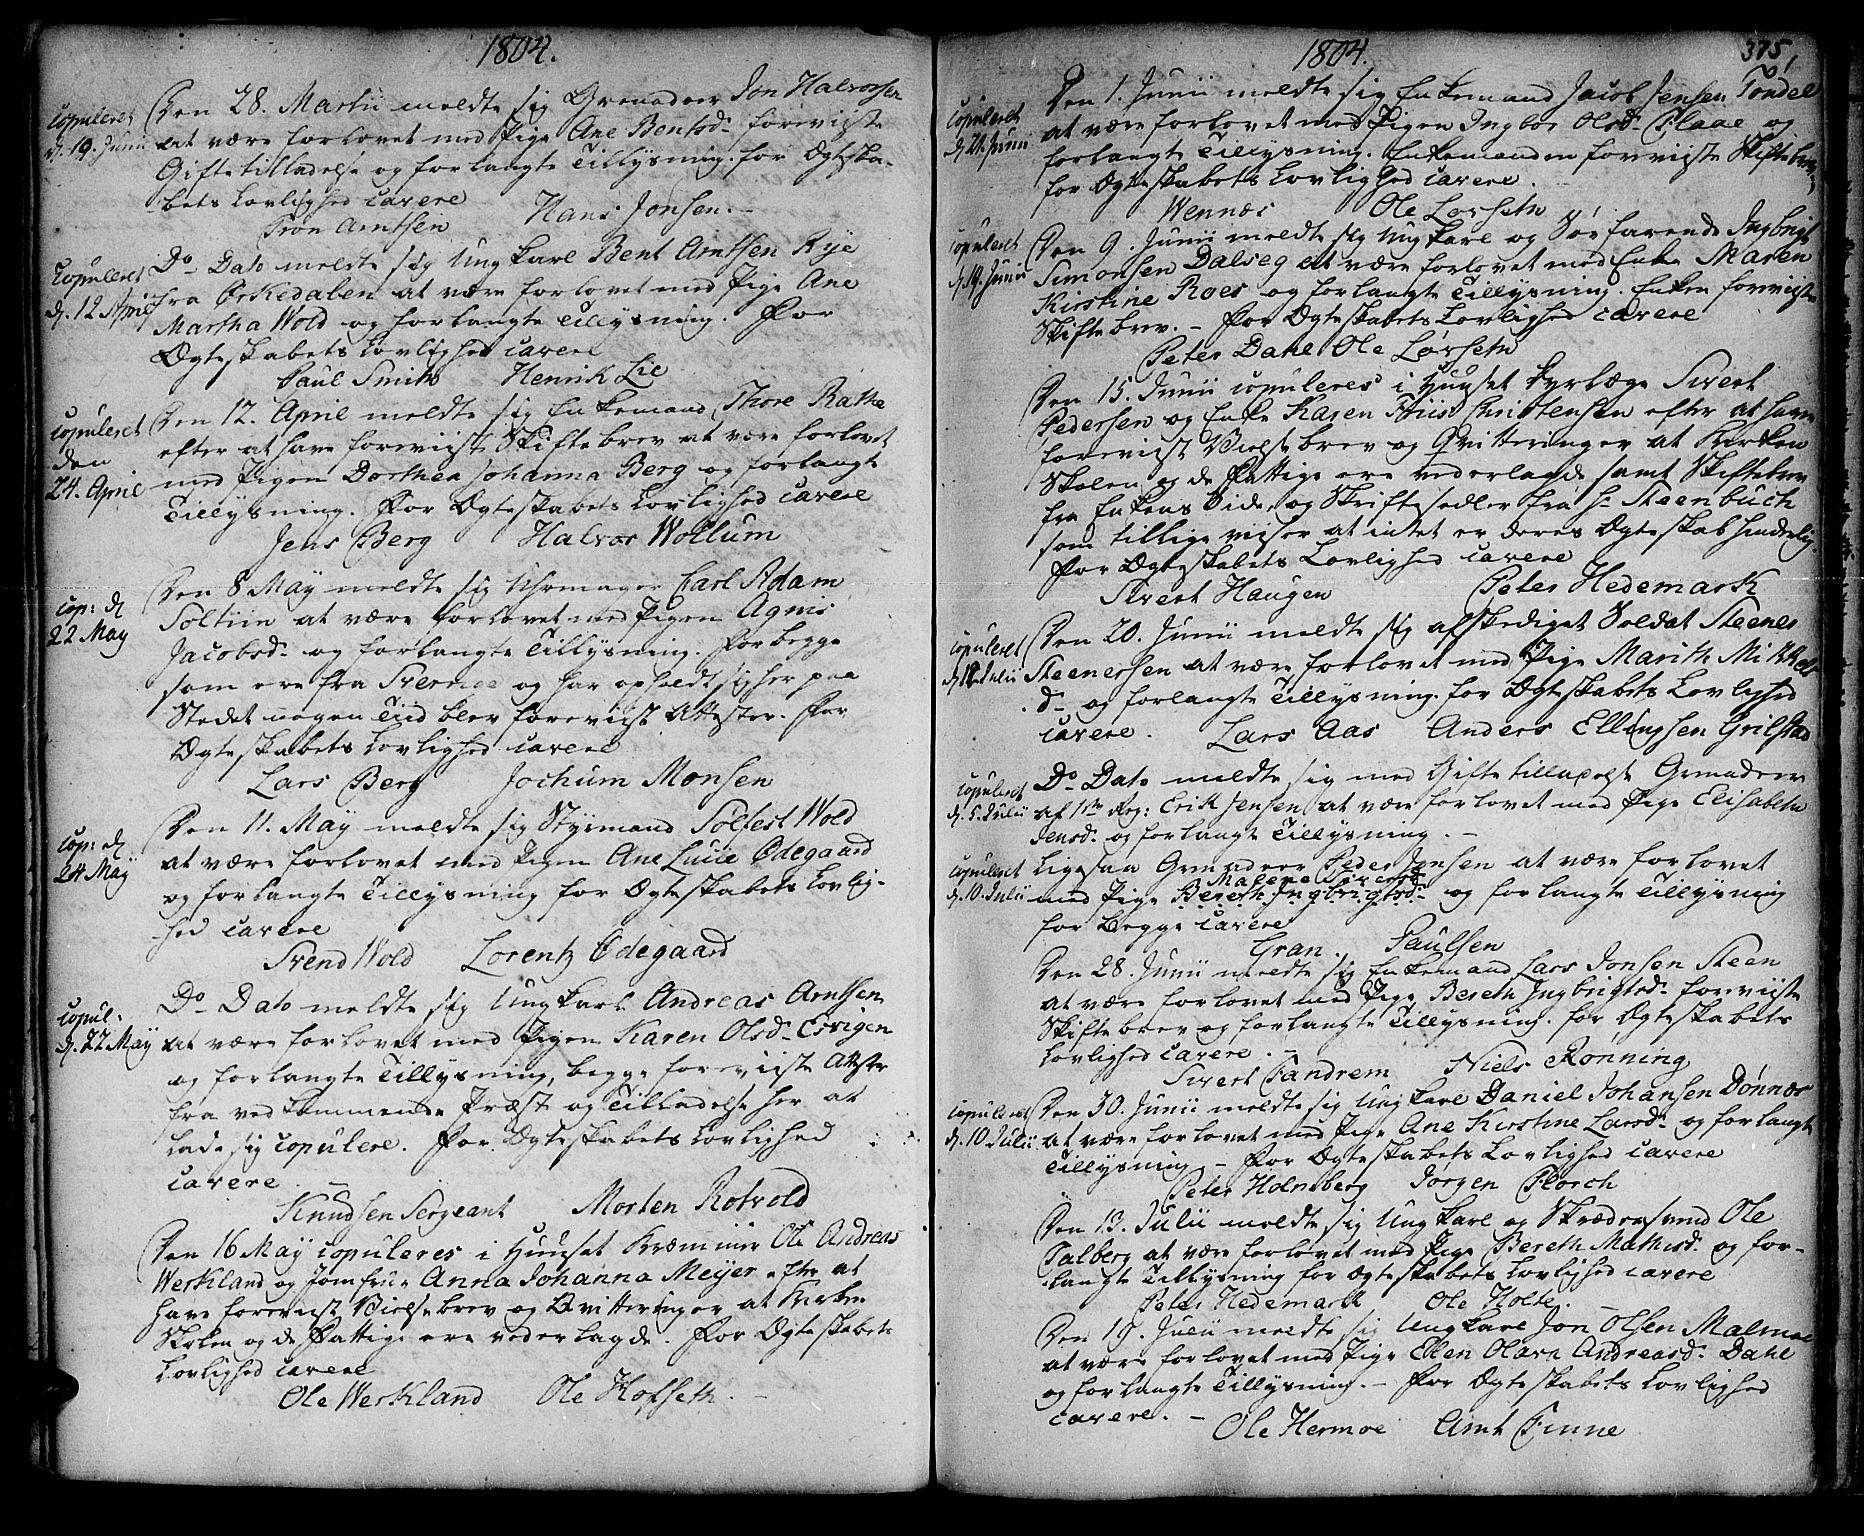 SAT, Ministerialprotokoller, klokkerbøker og fødselsregistre - Sør-Trøndelag, 601/L0038: Ministerialbok nr. 601A06, 1766-1877, s. 375